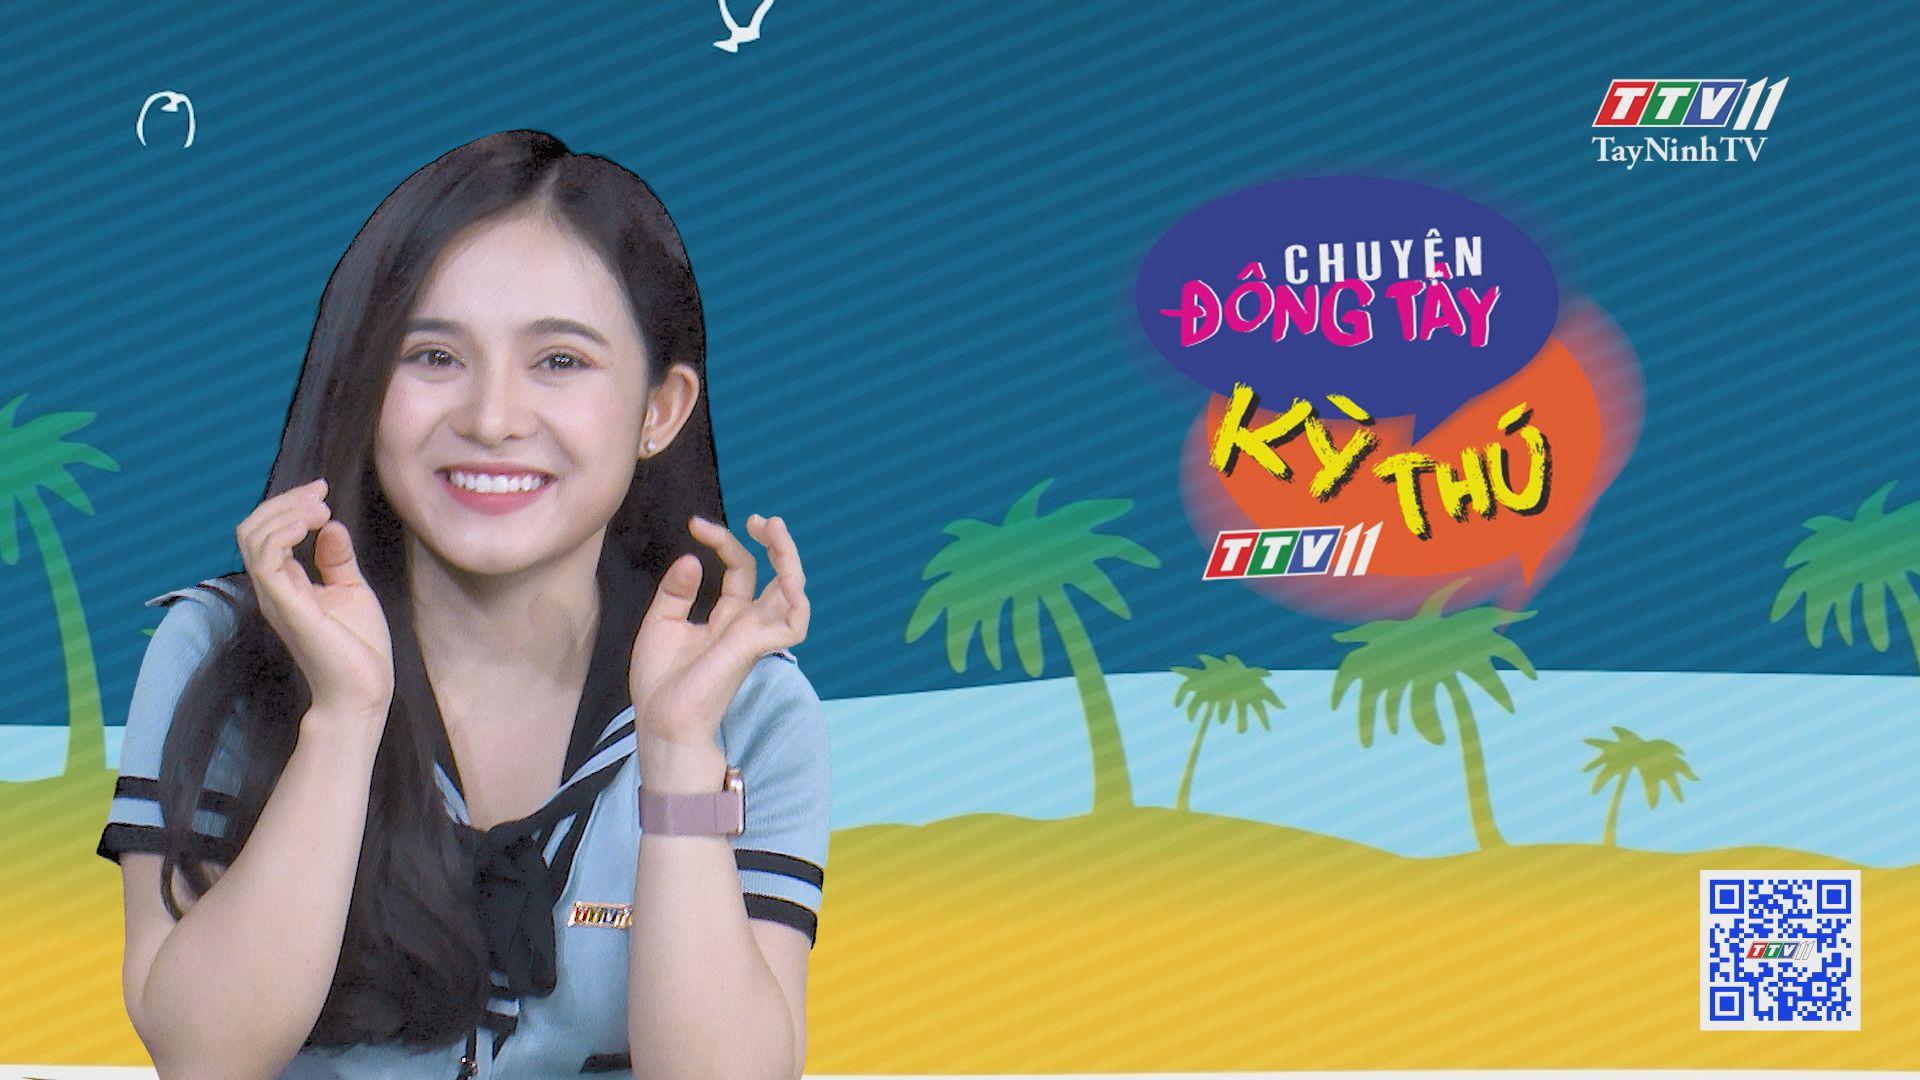 Chuyện Đông Tây Kỳ Thú 10-8-2020 | TayNinhTV